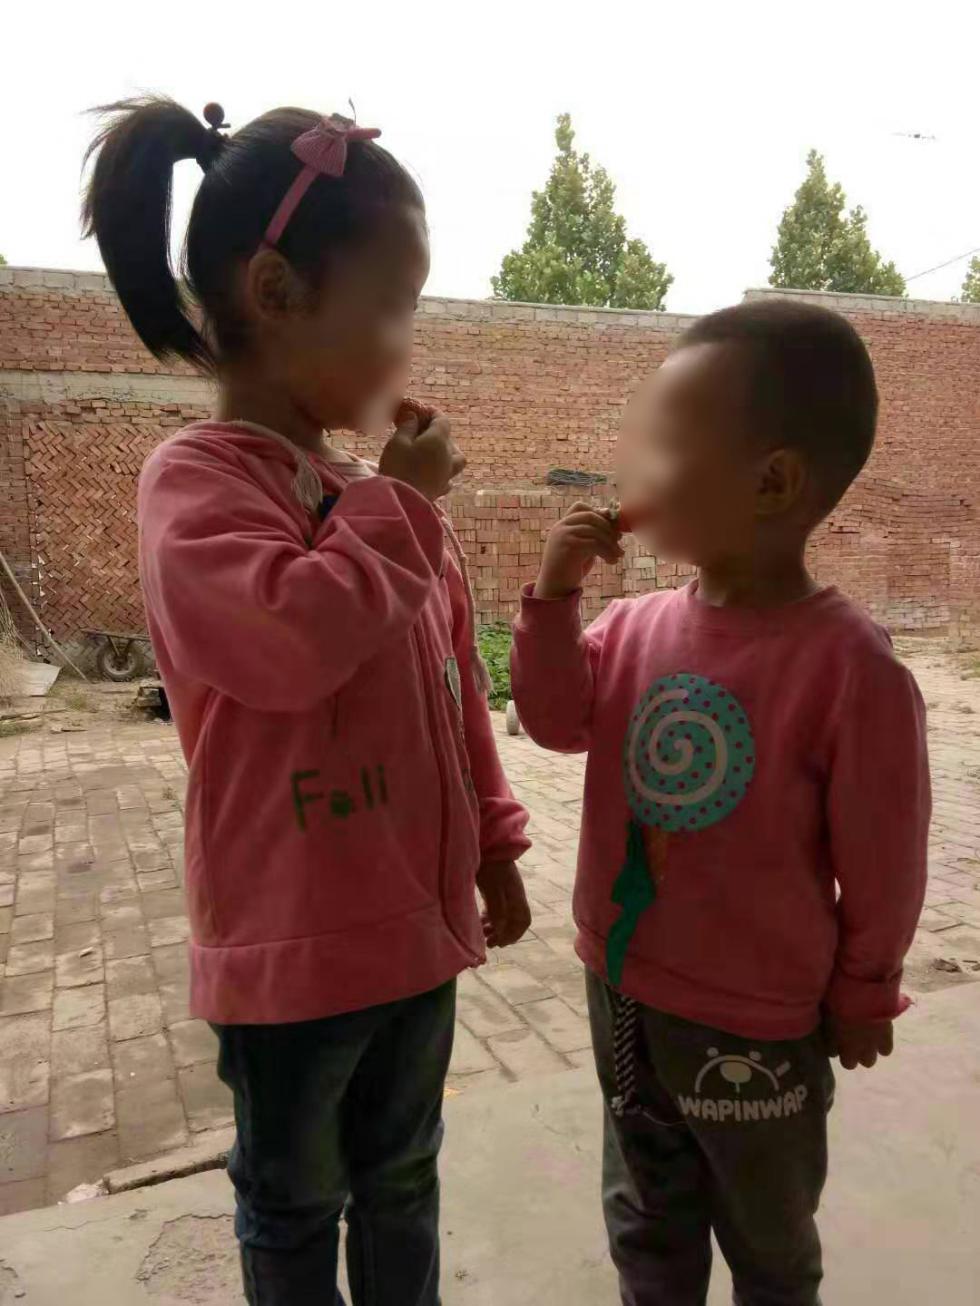 7岁女孩拾废品给弟弟治病,已有5600人次响应捐款